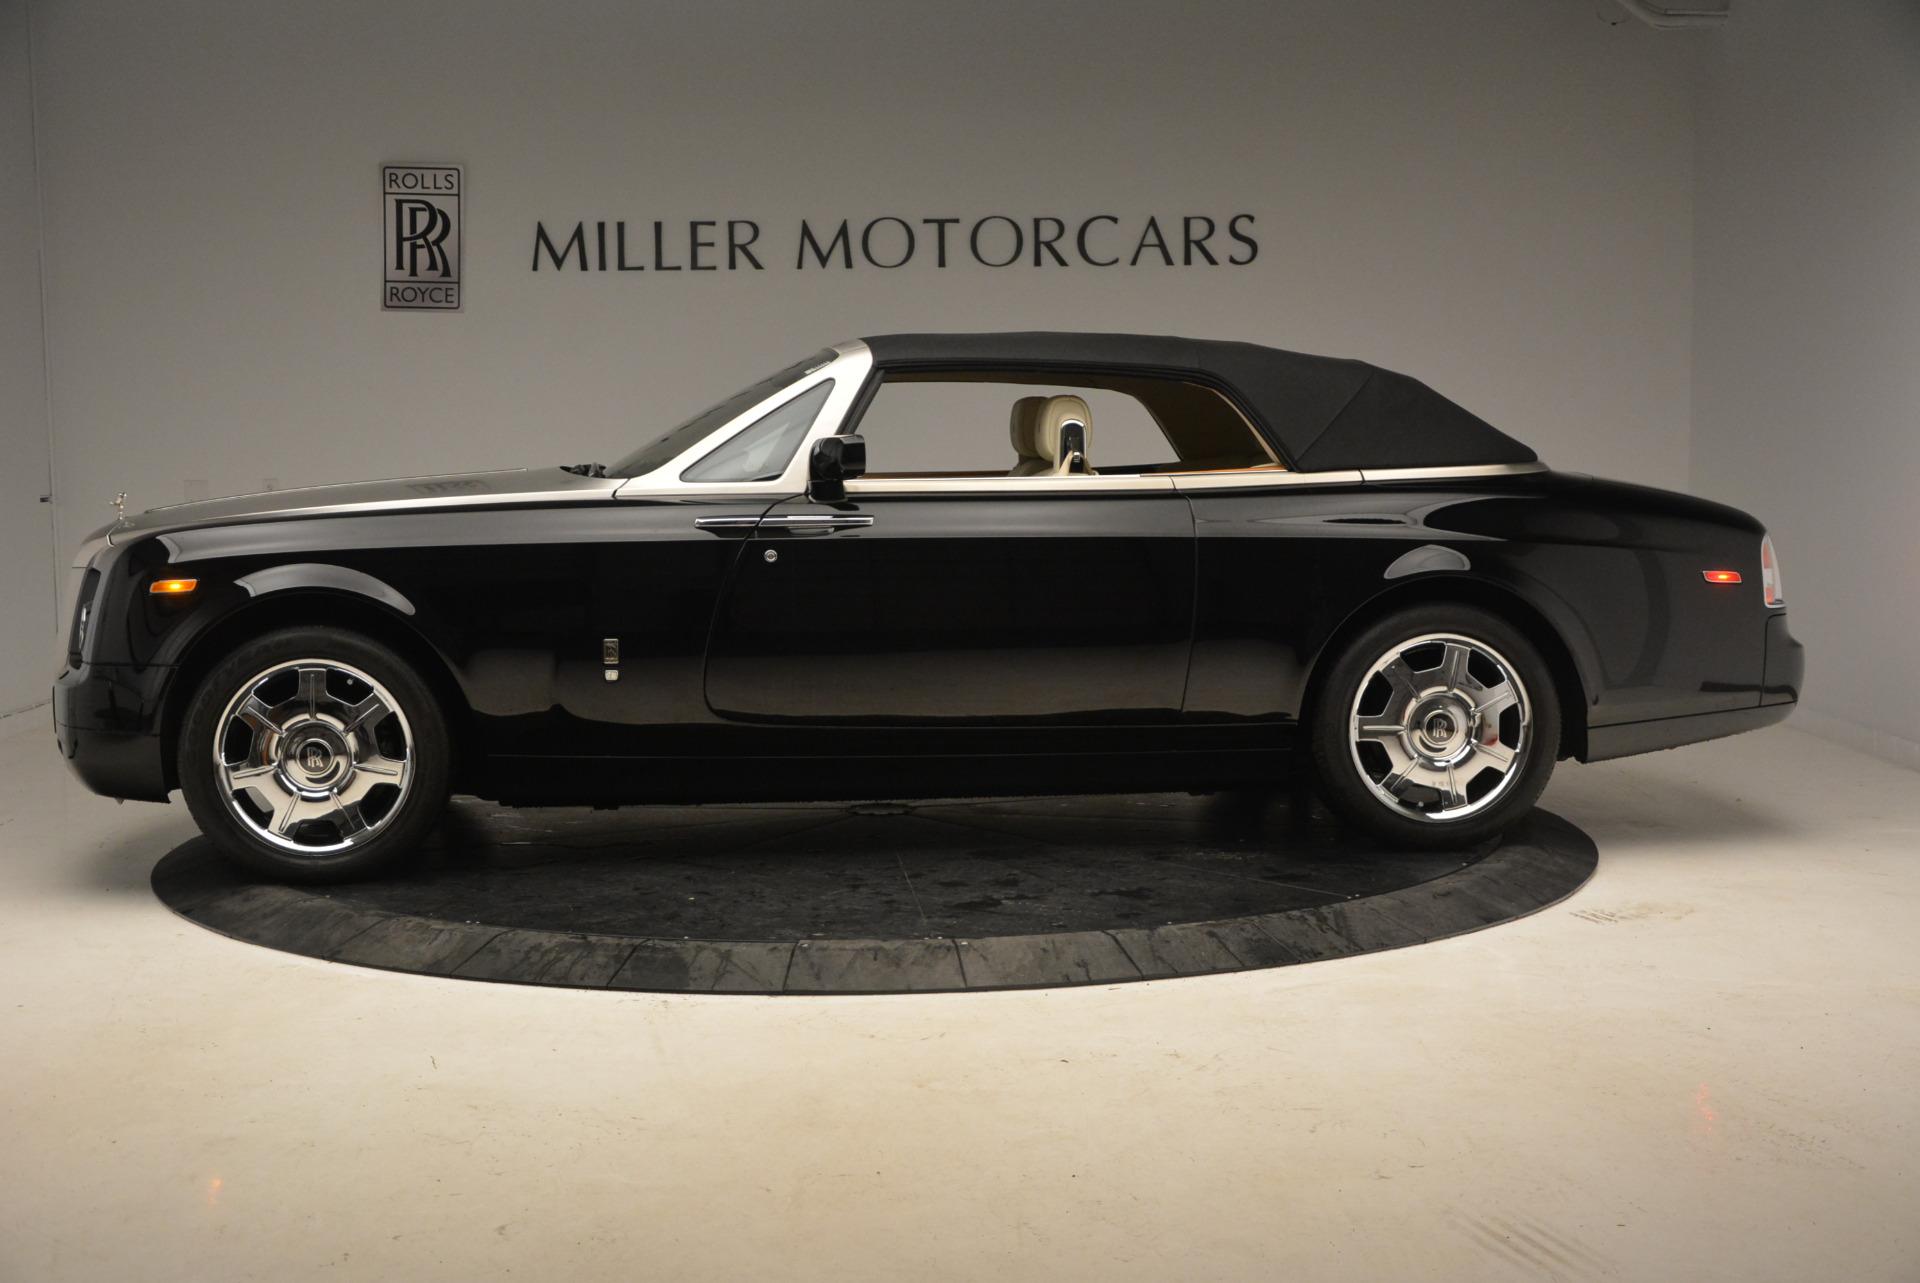 Used 2009 Rolls-Royce Phantom Drophead Coupe  For Sale In Westport, CT 1792_p15